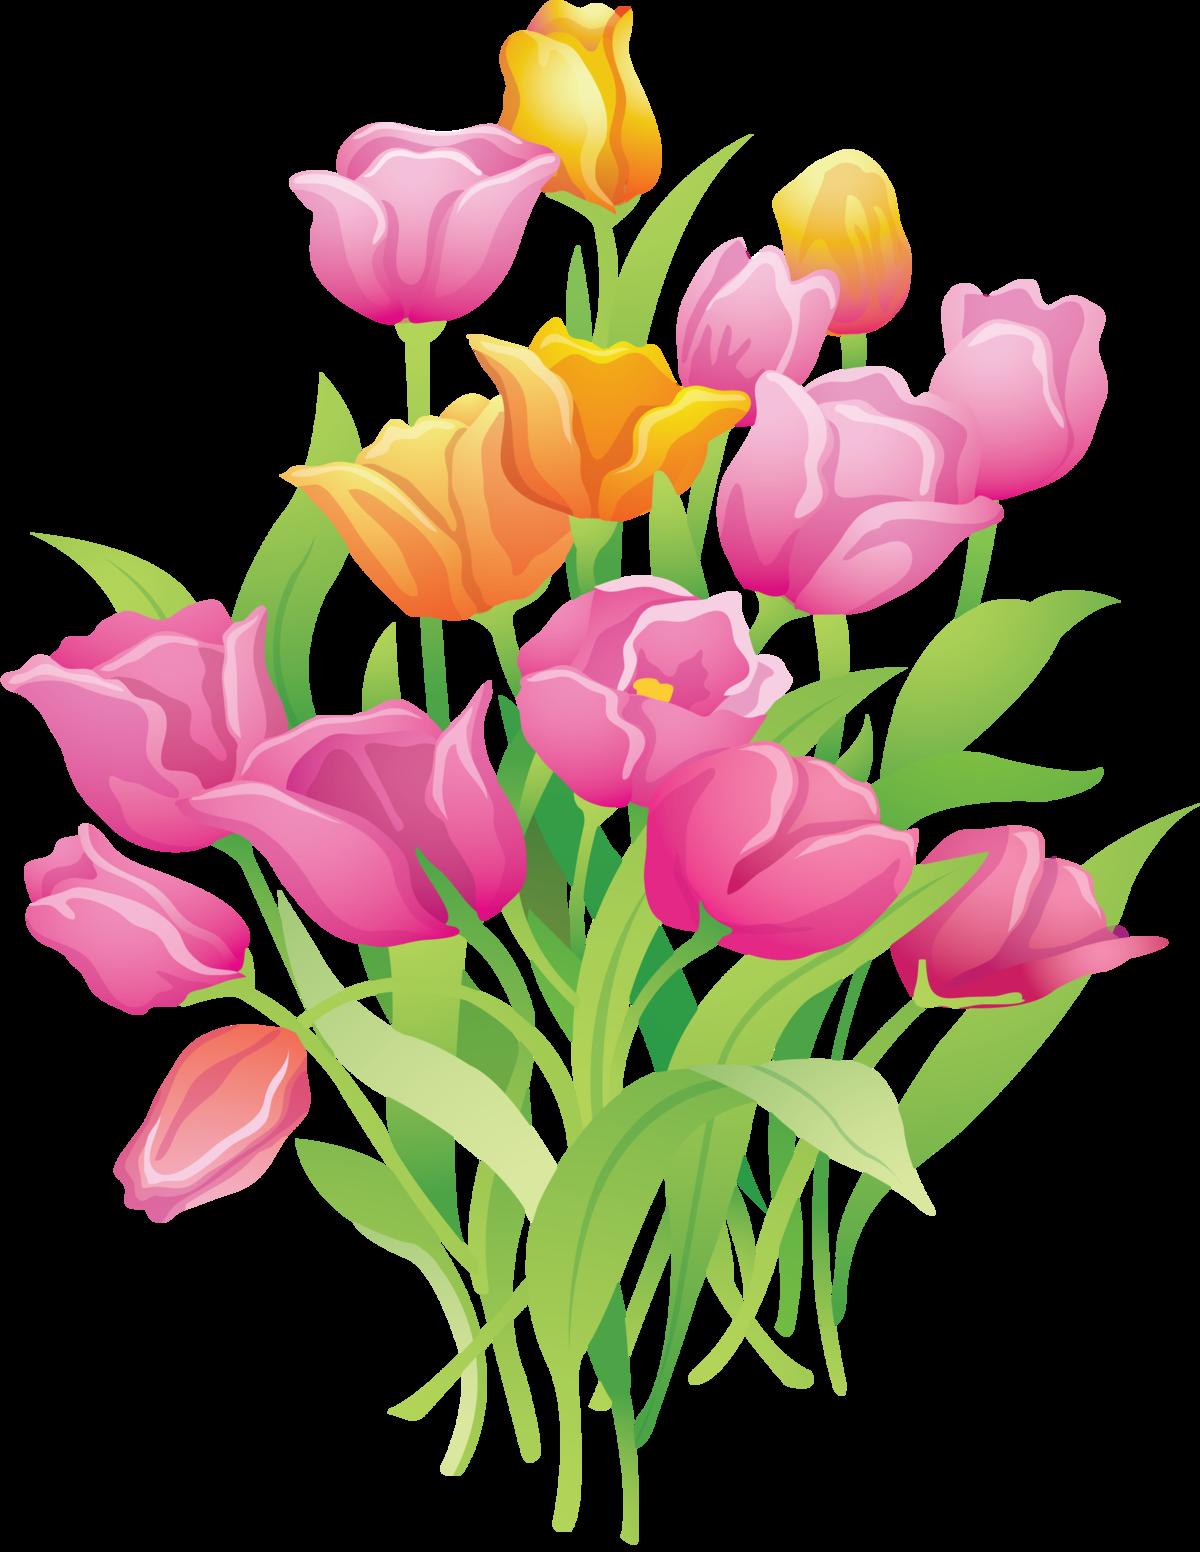 Картинка букет цветов на прозрачном фоне для детей, открытки